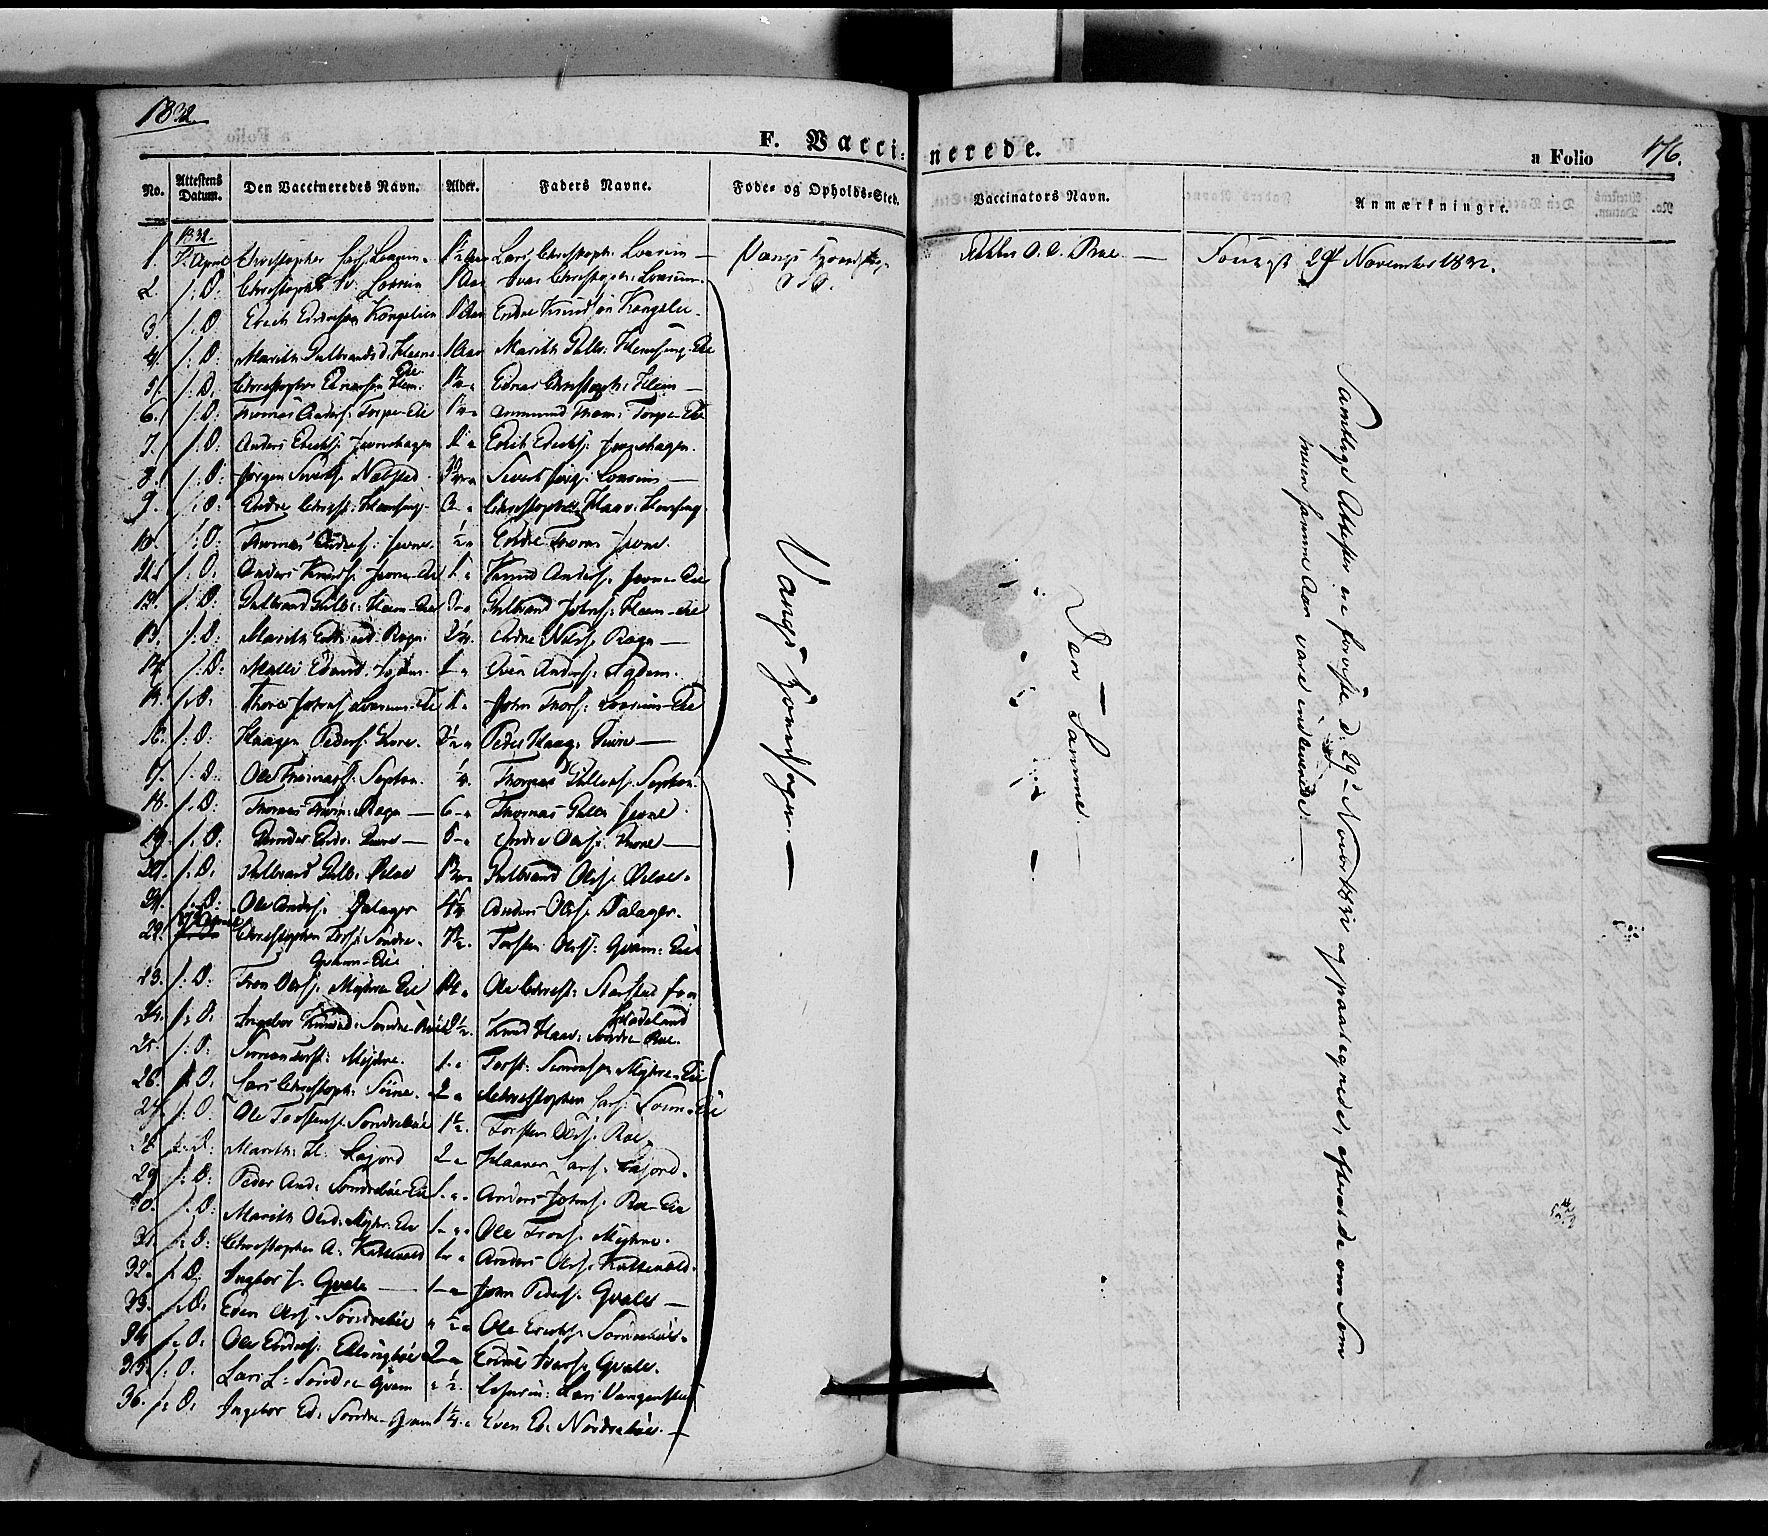 SAH, Vang prestekontor, Valdres, Ministerialbok nr. 5, 1831-1845, s. 176